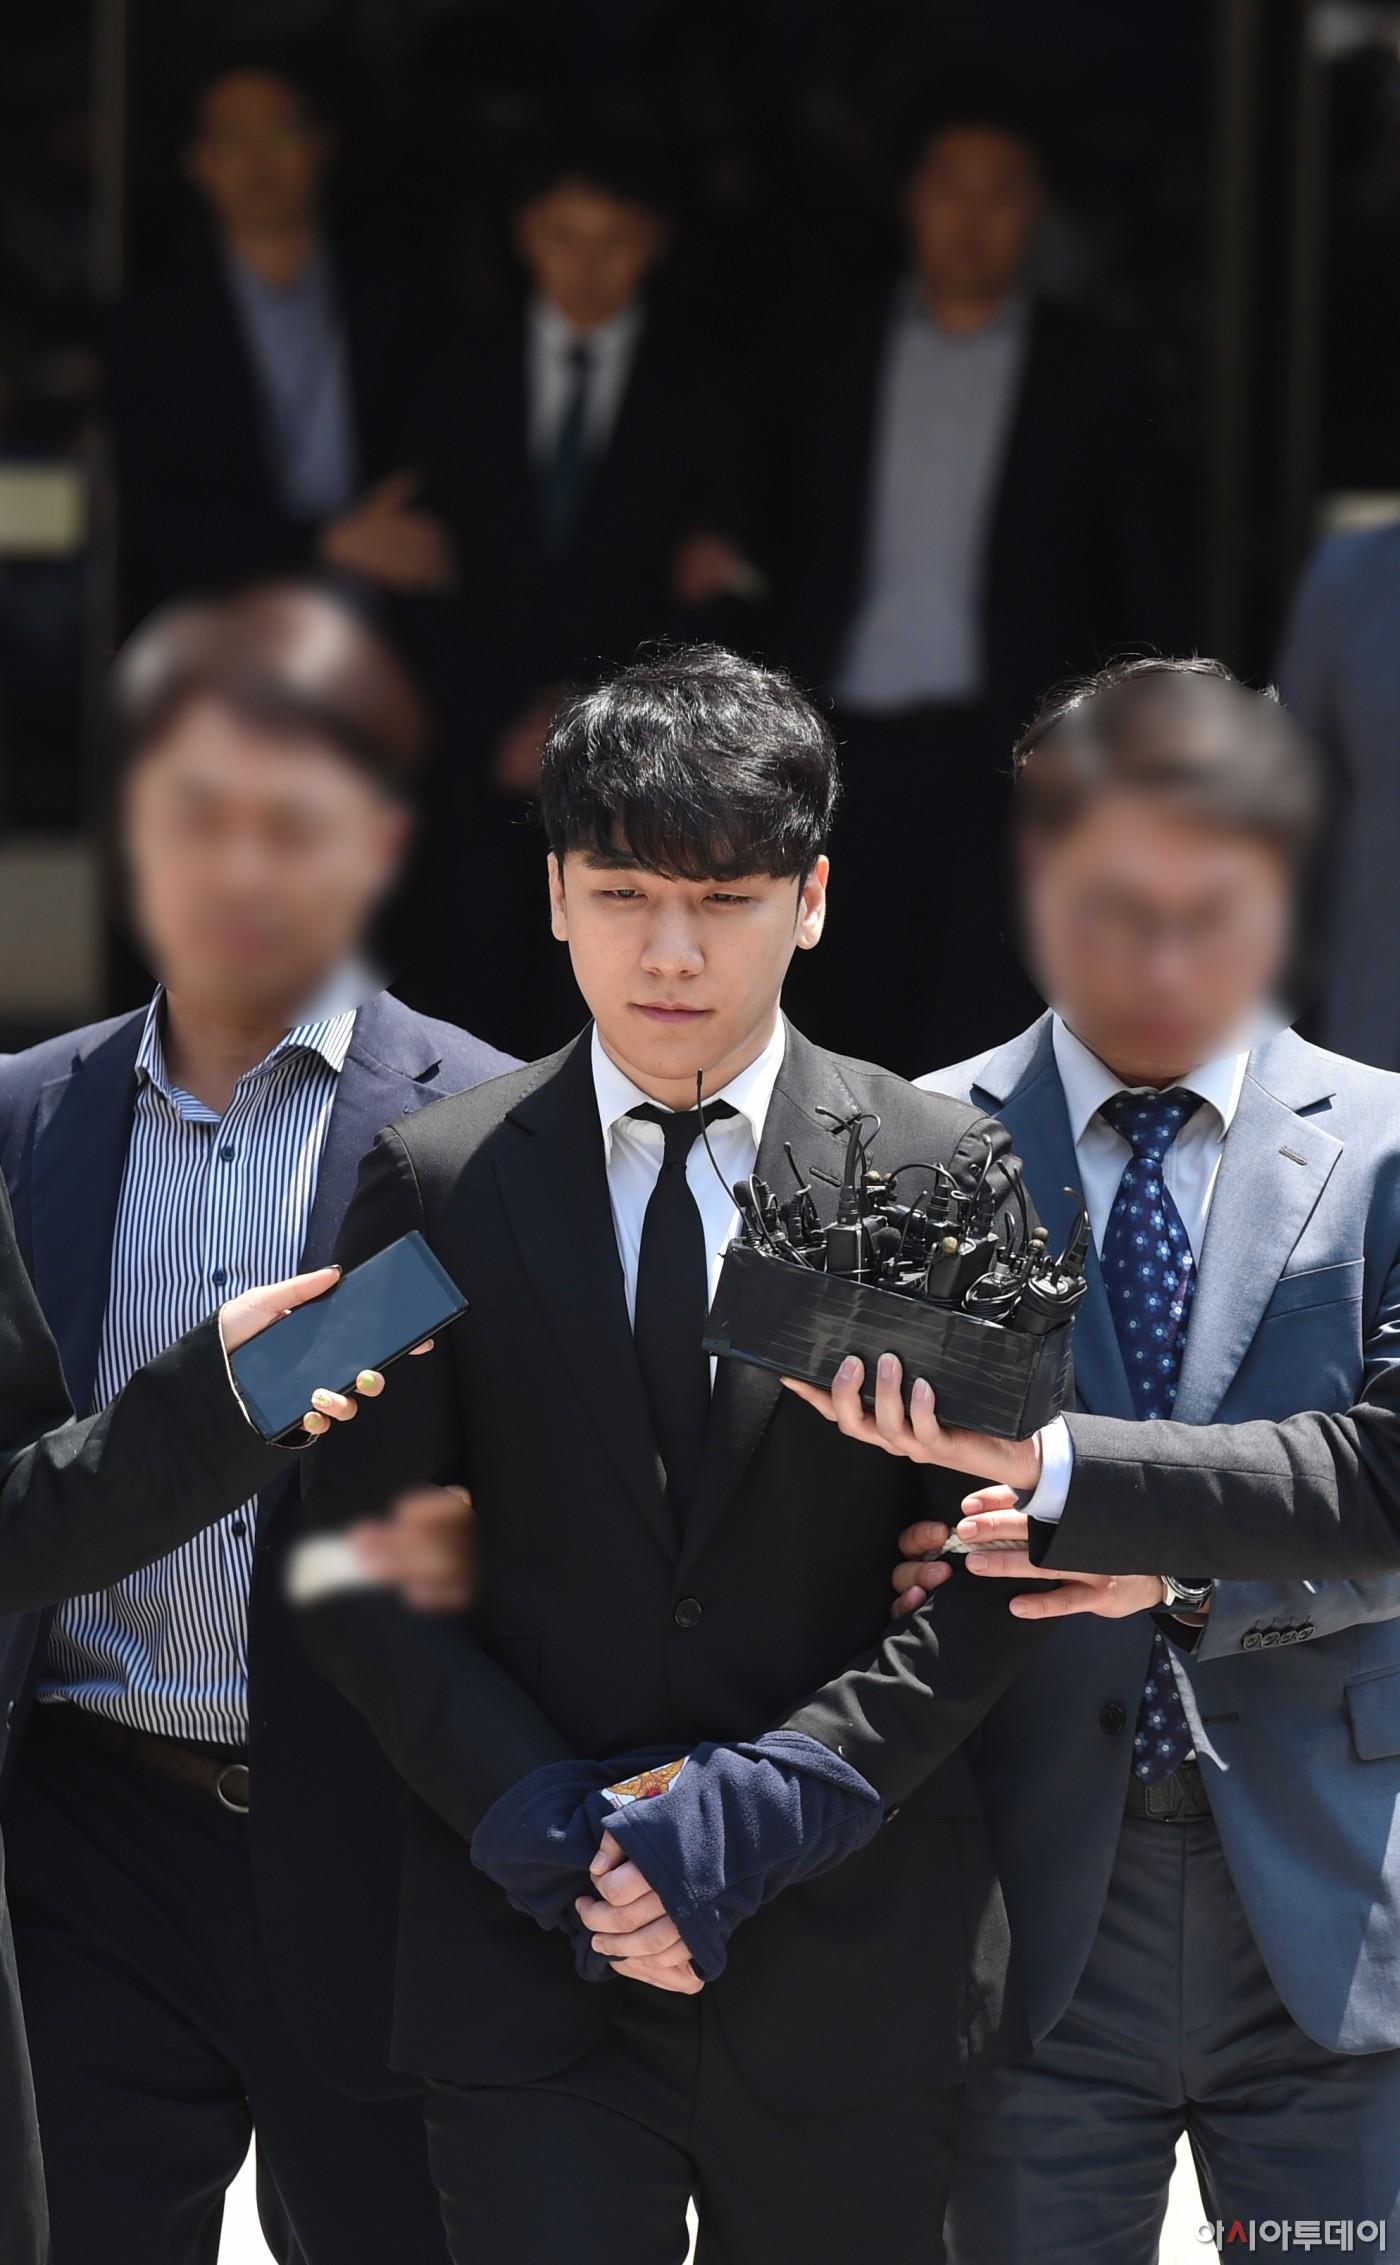 Sốc: Seungri vui vẻ đi tập gym sau khi tòa án hủy lệnh bắt, công chúng Hàn Quốc phẫn nộ và fan Việt vẫn bênh - Ảnh 2.